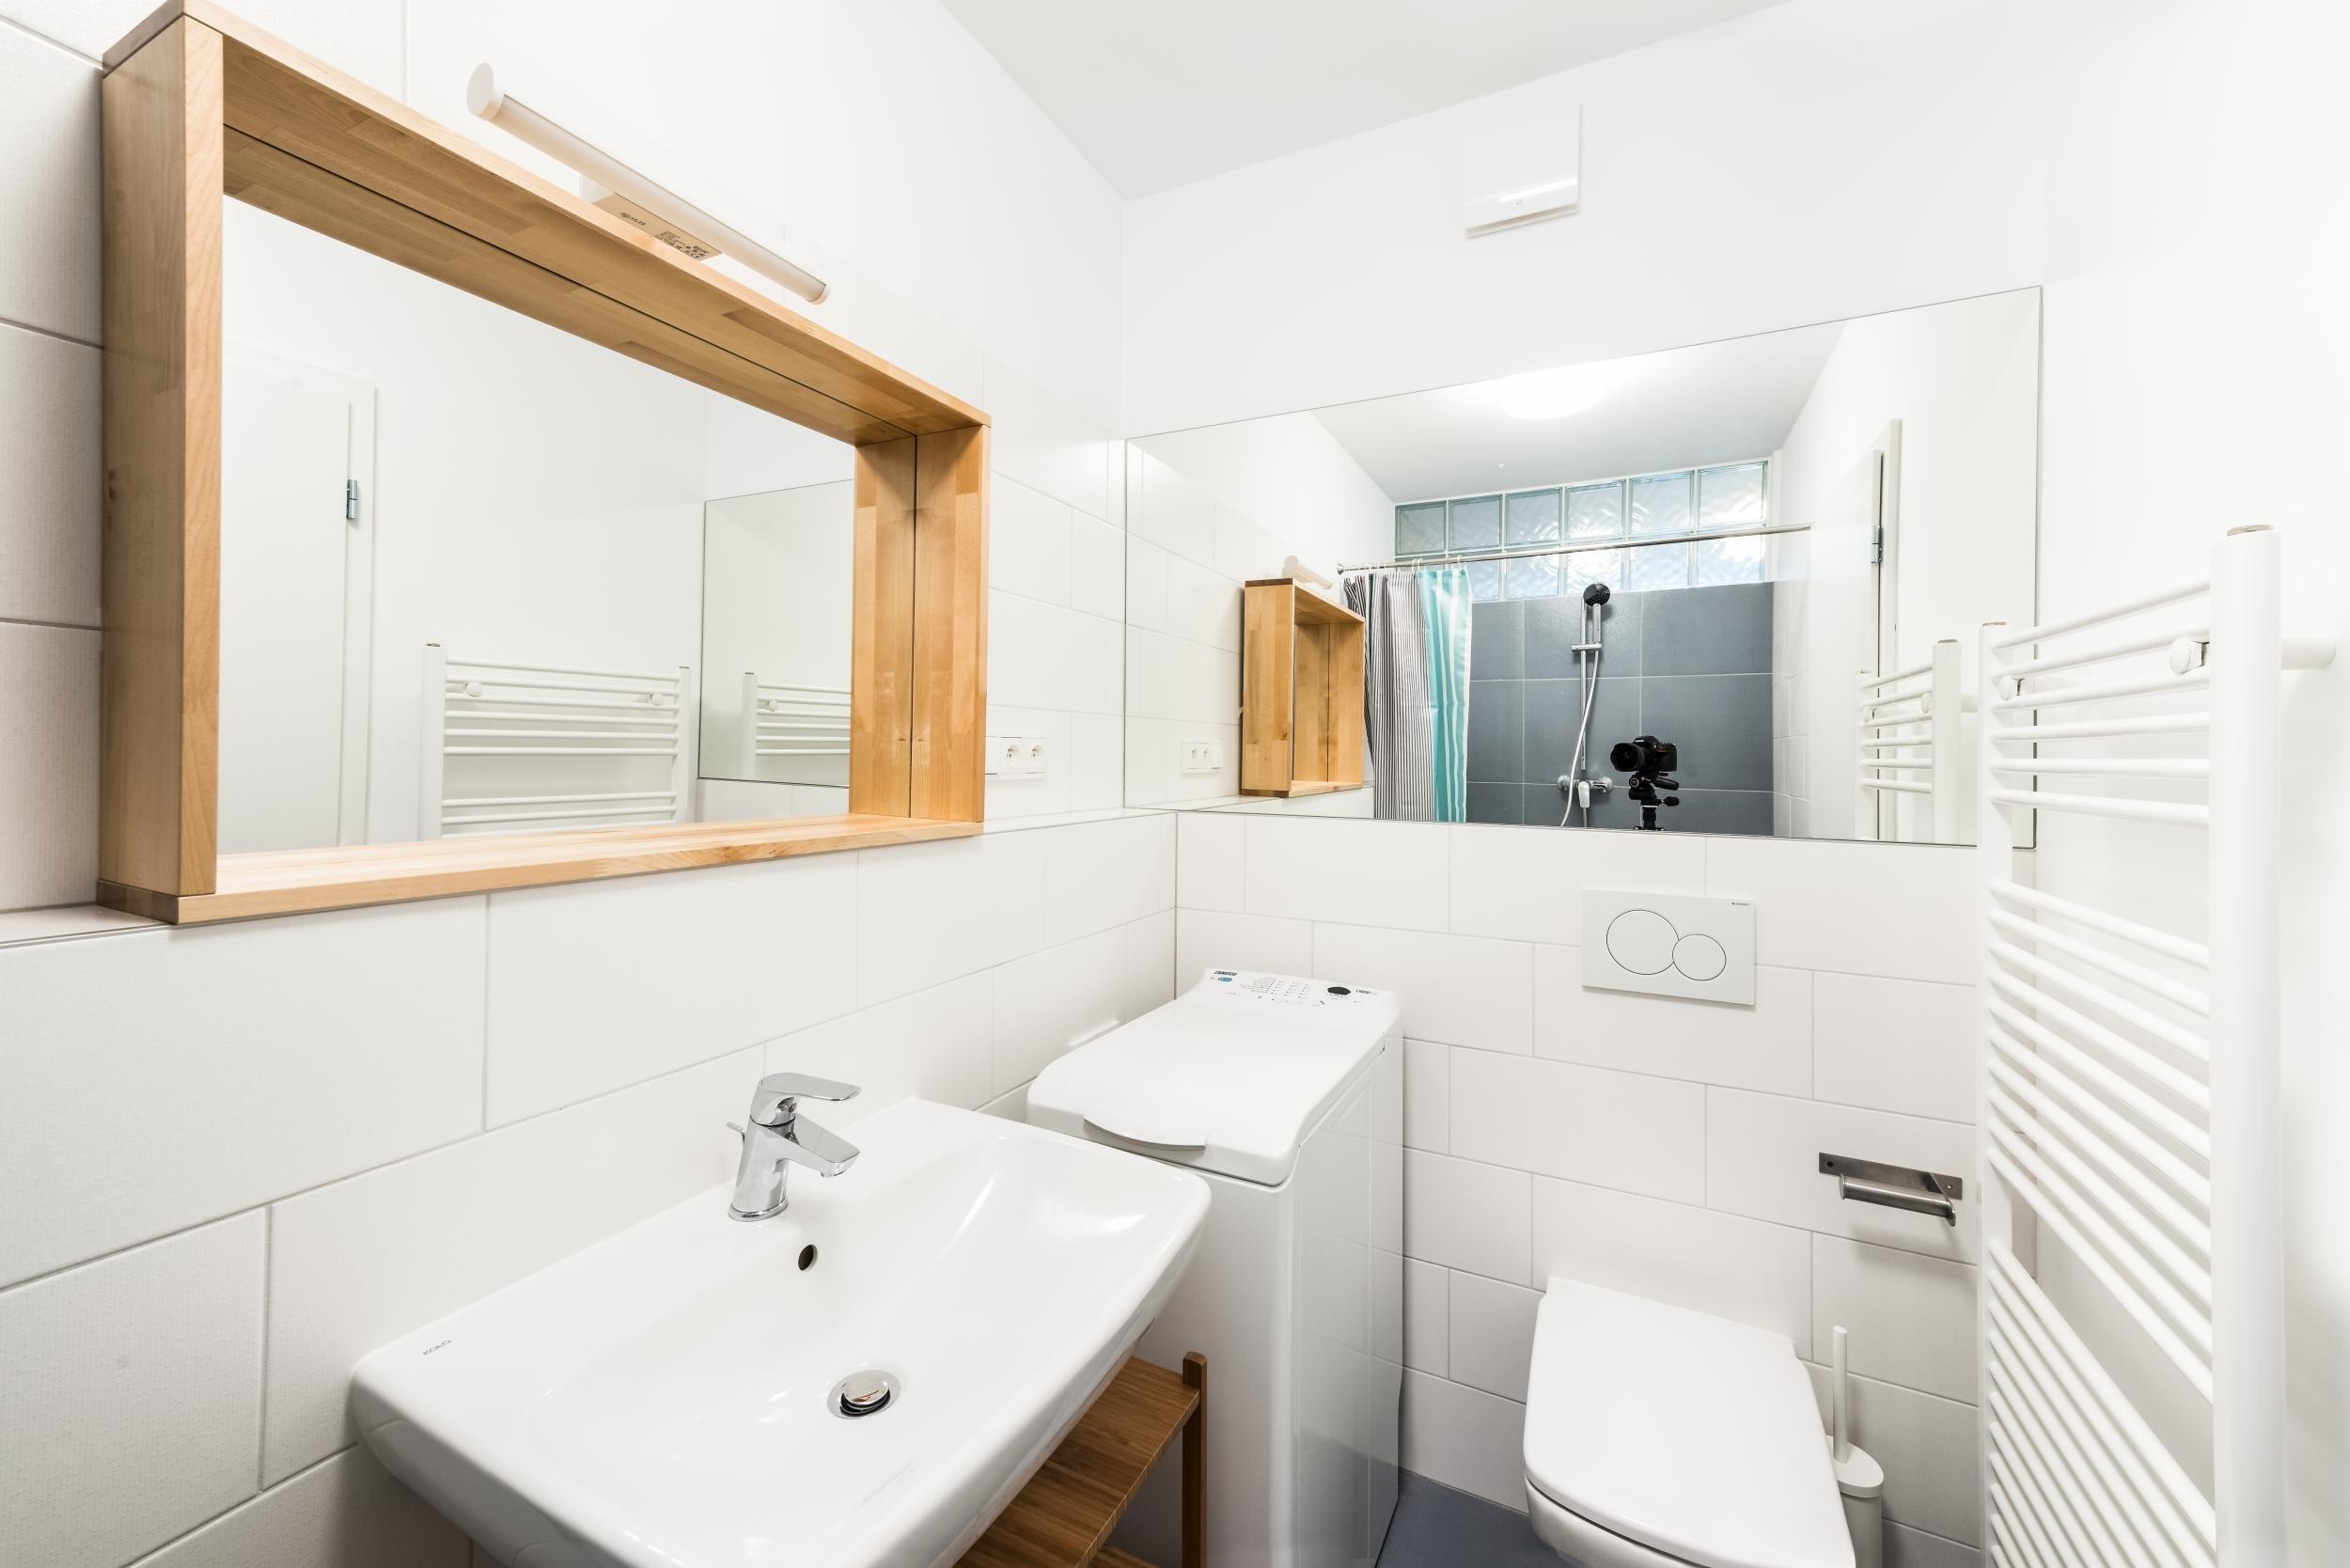 Zařízení jednopokojového bytu jsme navrhli výhradně z produktů Ikea. Příjemný interiér je důkazem, že slušný výsledek se dá dosáhnout i s dostupným typovým…